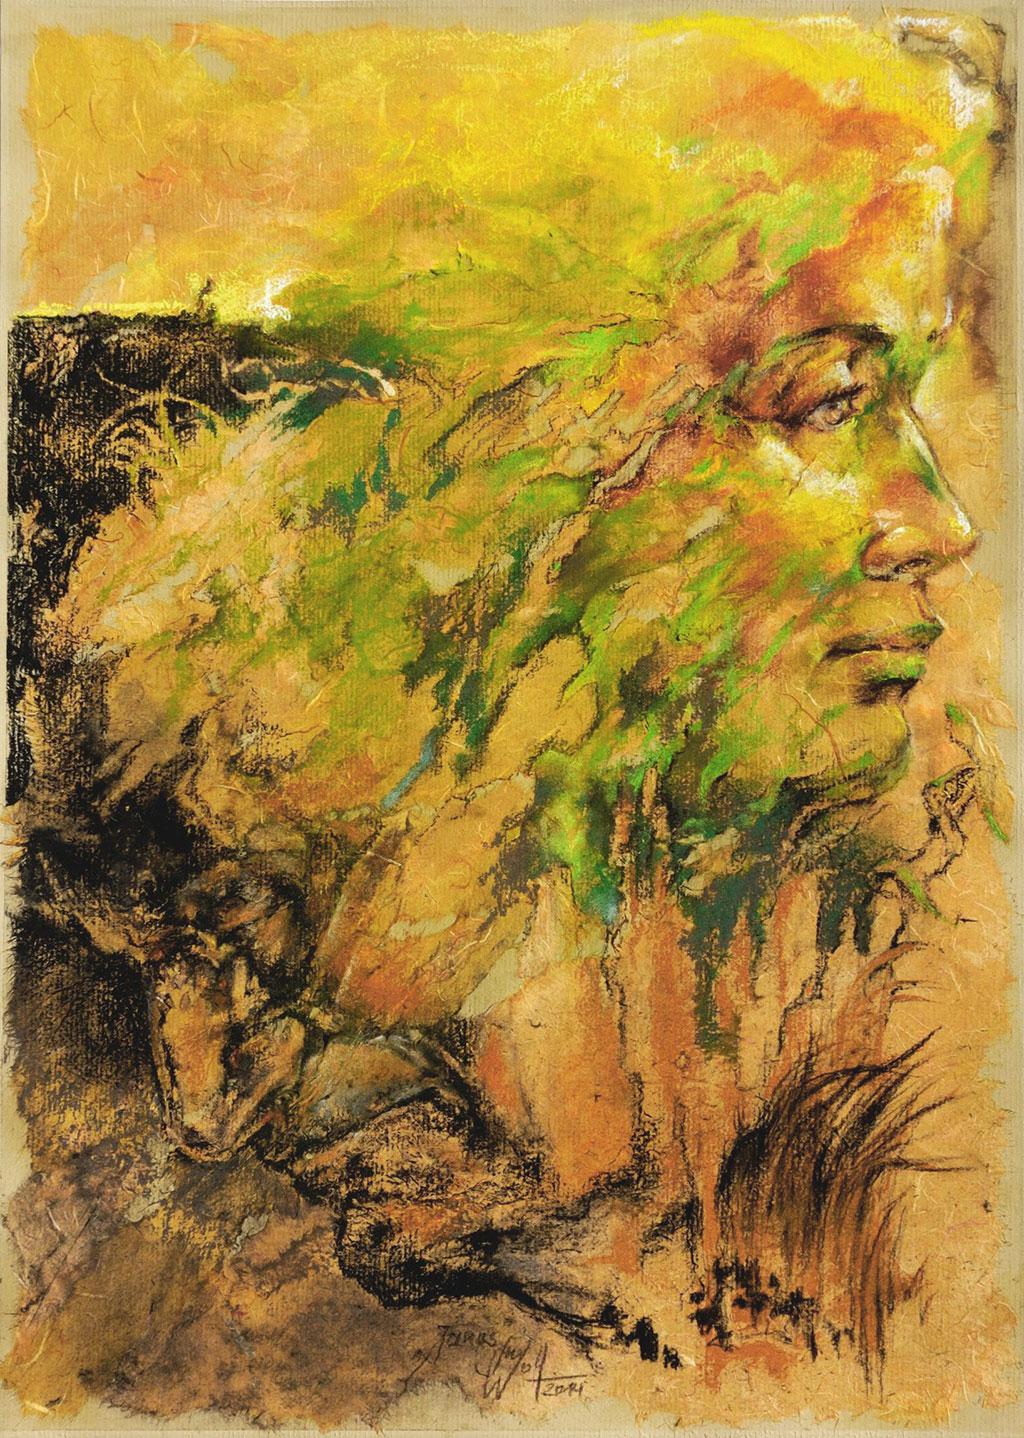 Janus Bilder Malerei und Zeichnung